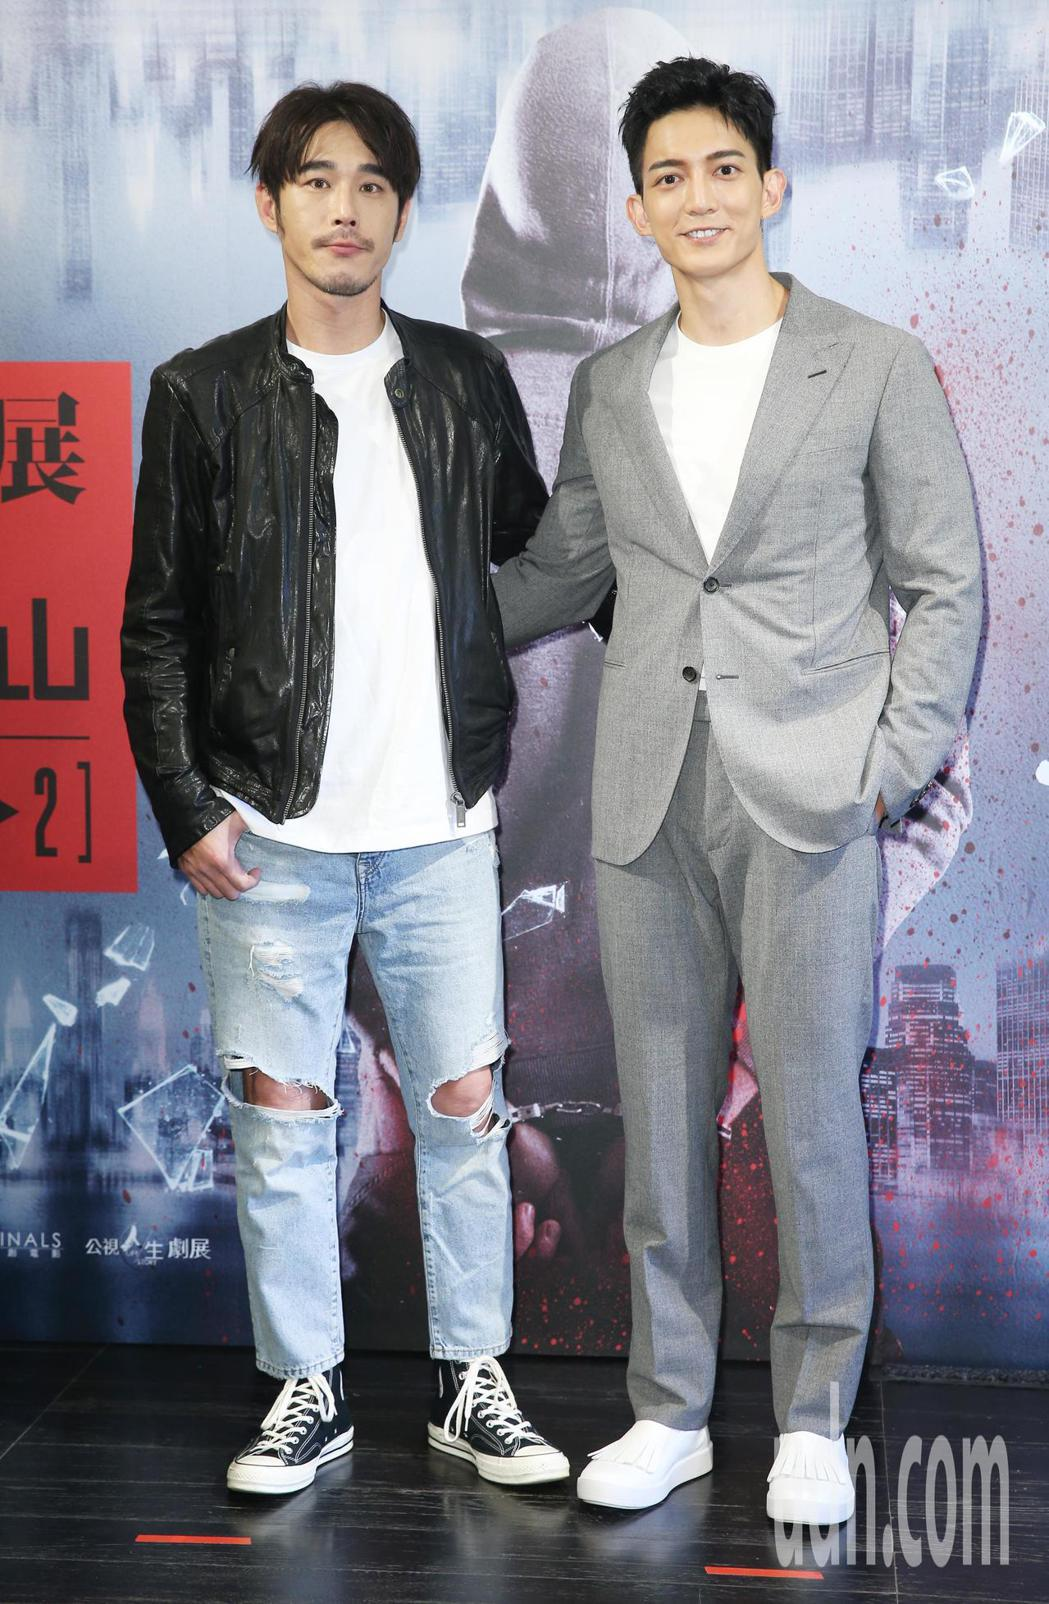 王家梁(右)、黃騰浩(左)將在公視與光點華山共同推出影展中各自擔當演出。記者陳正...